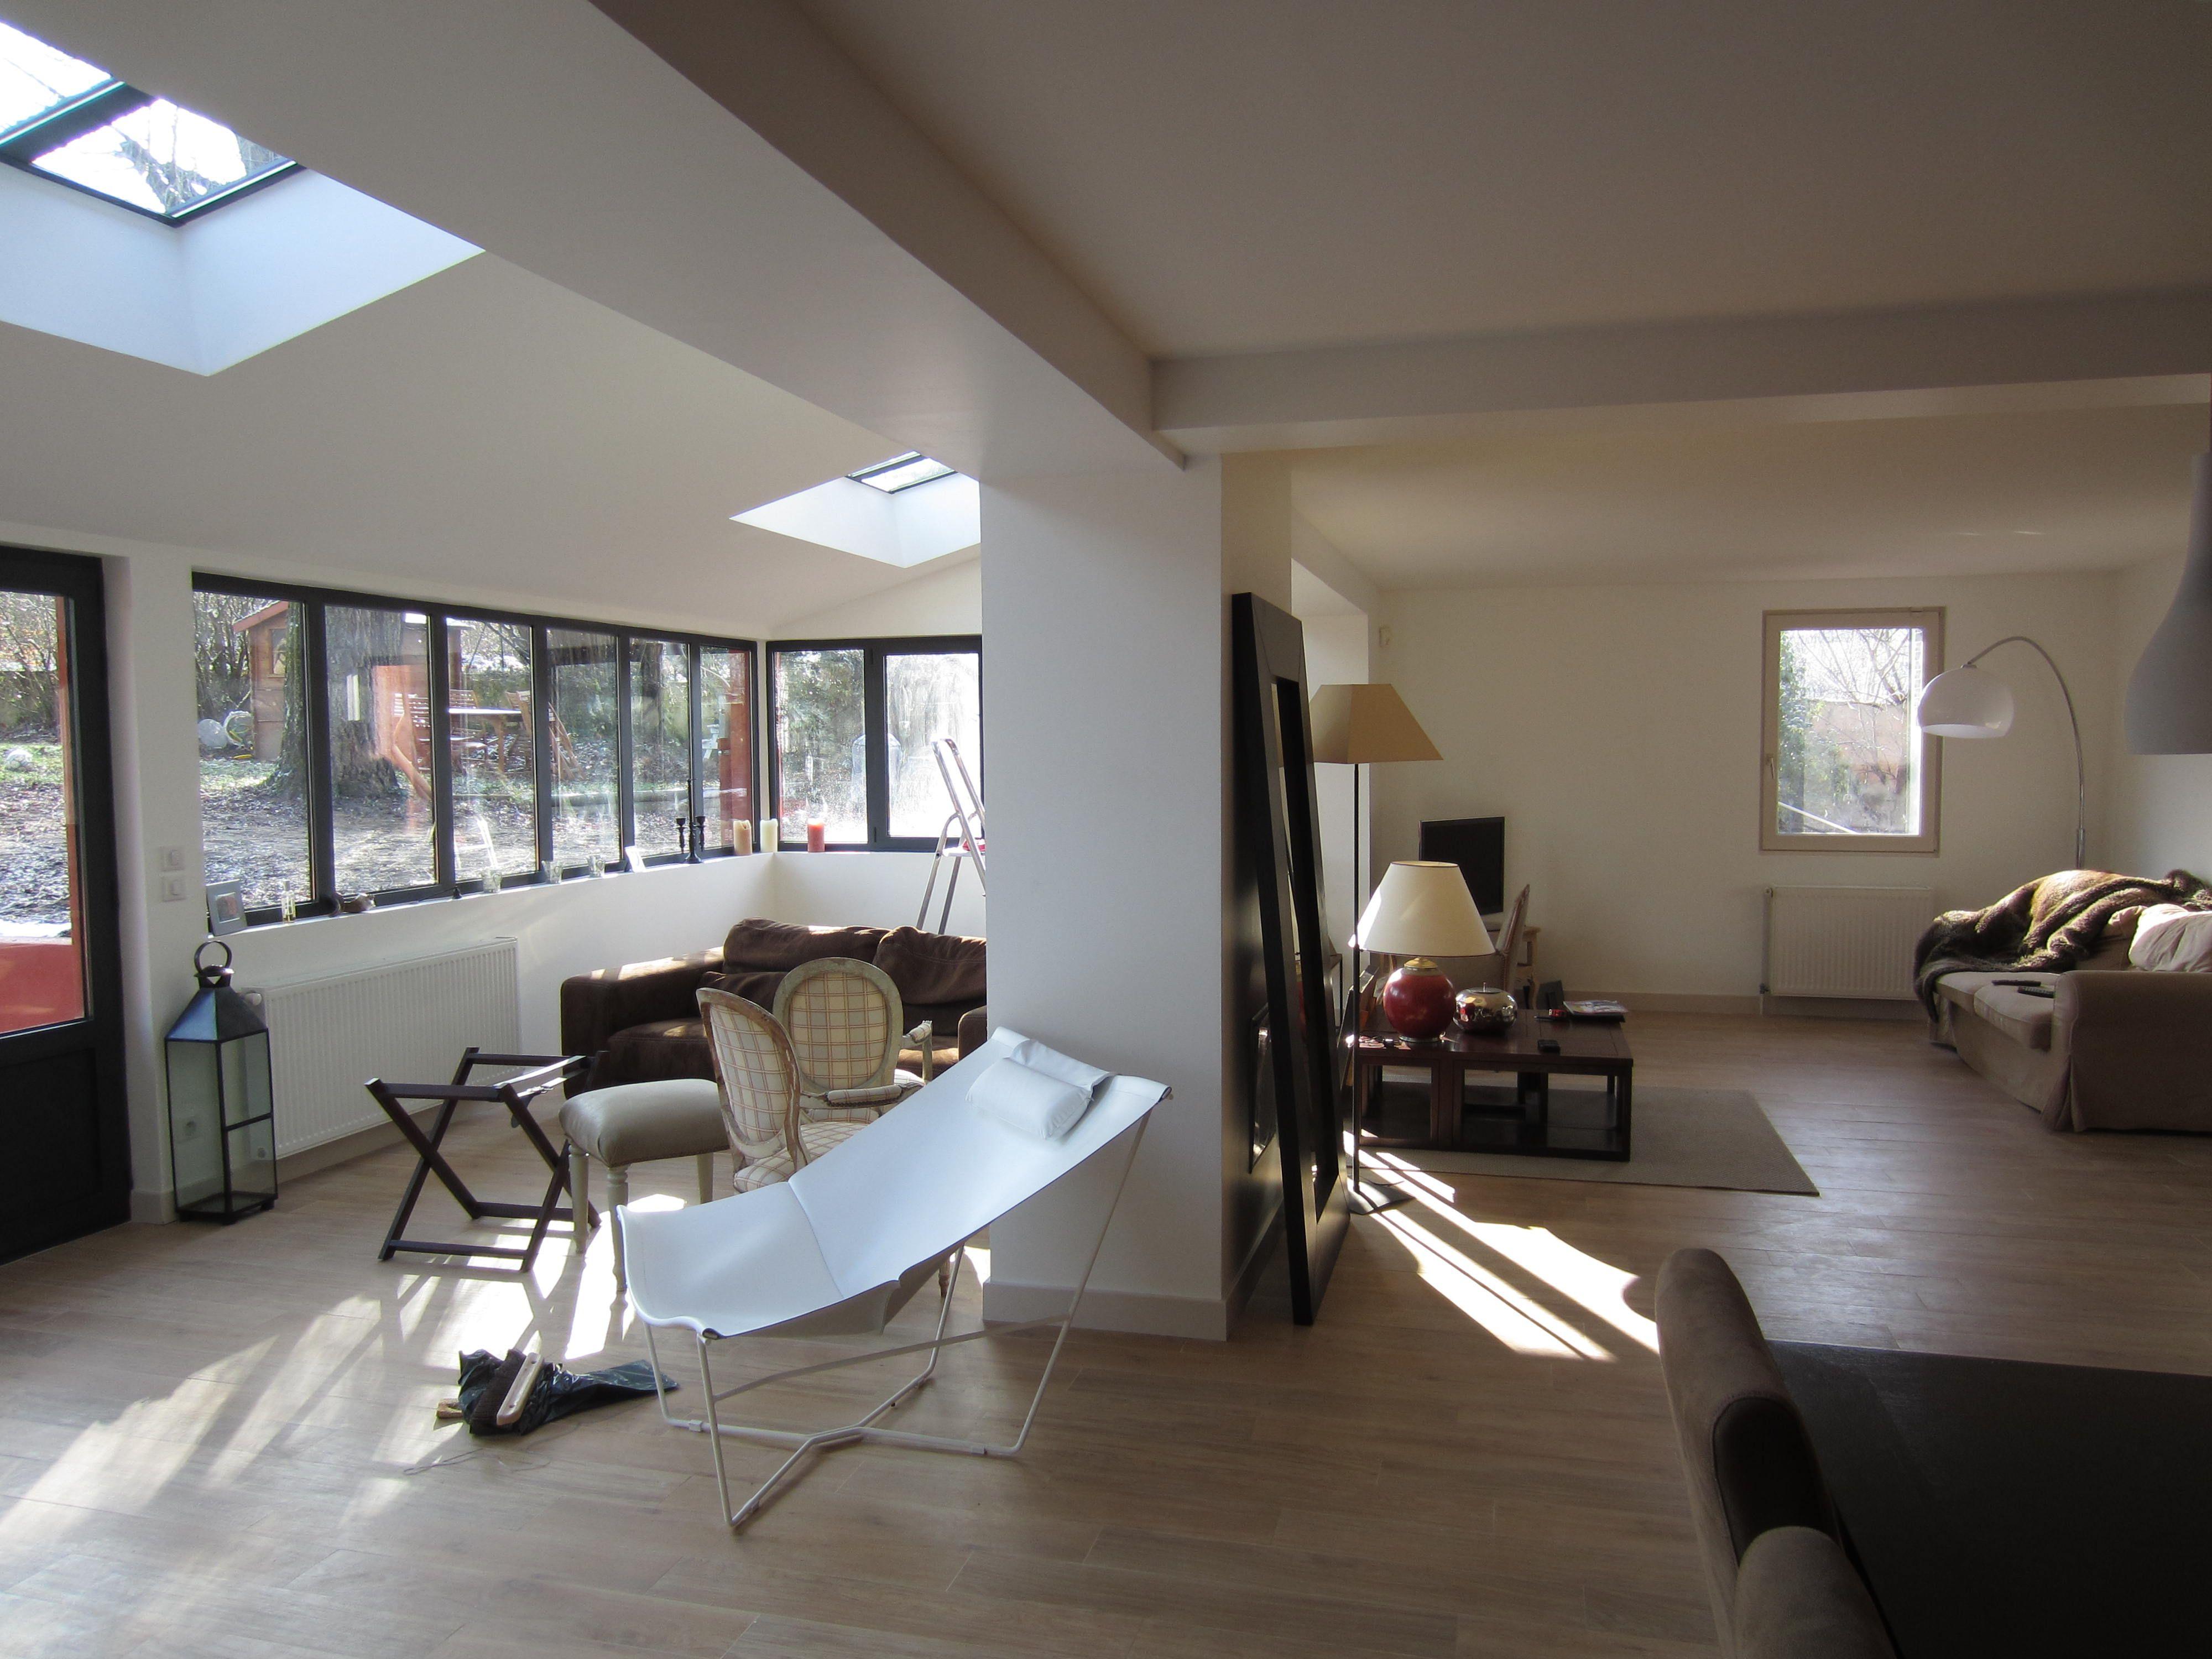 Extension agrandissement d 39 une maison individuelle - Extension maison verriere ...